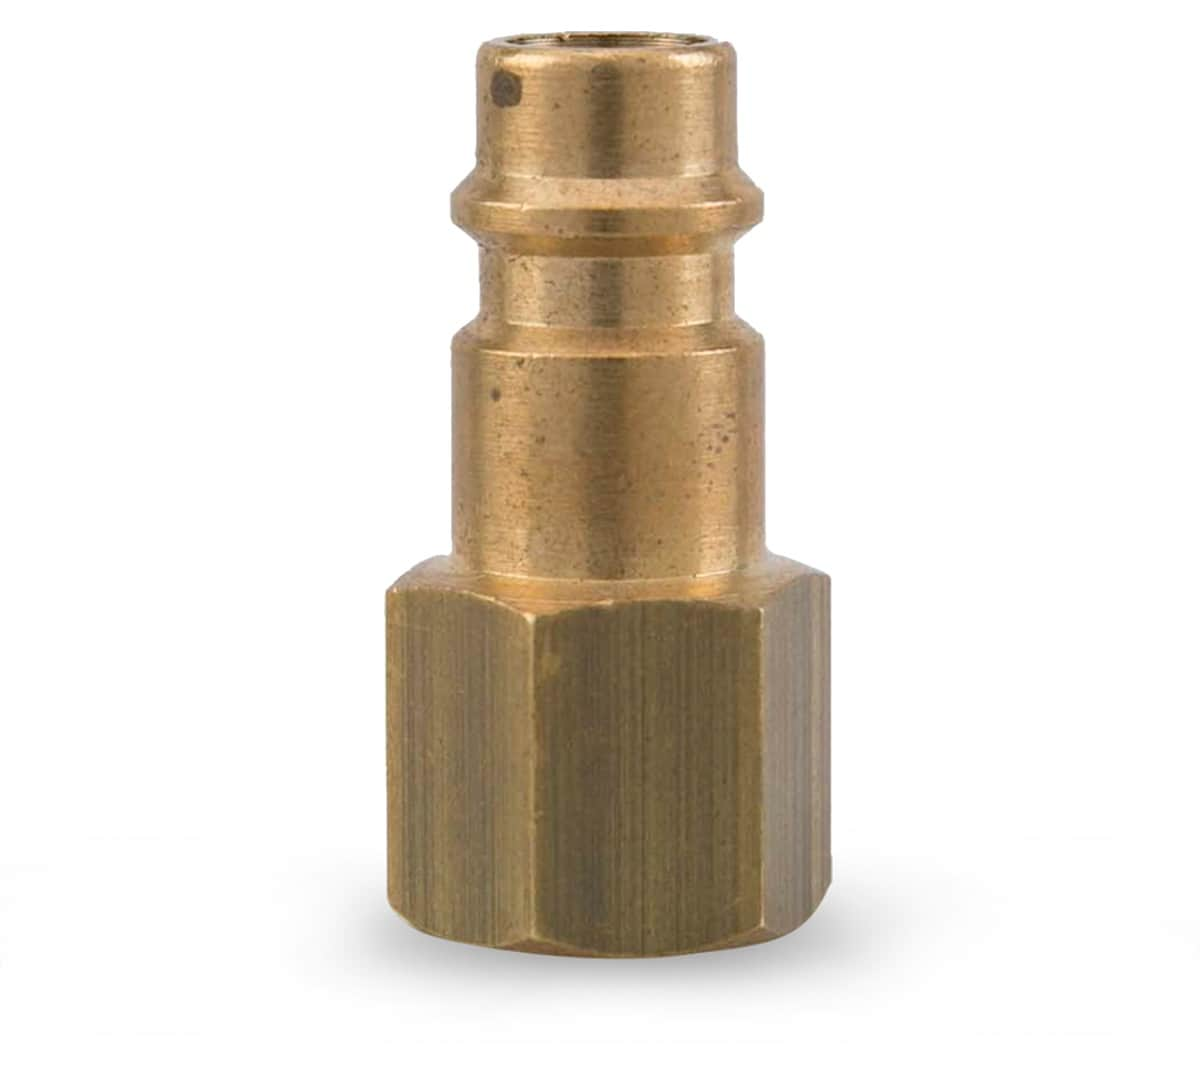 Gentlin Female Brass Coupling (1/4 in.)